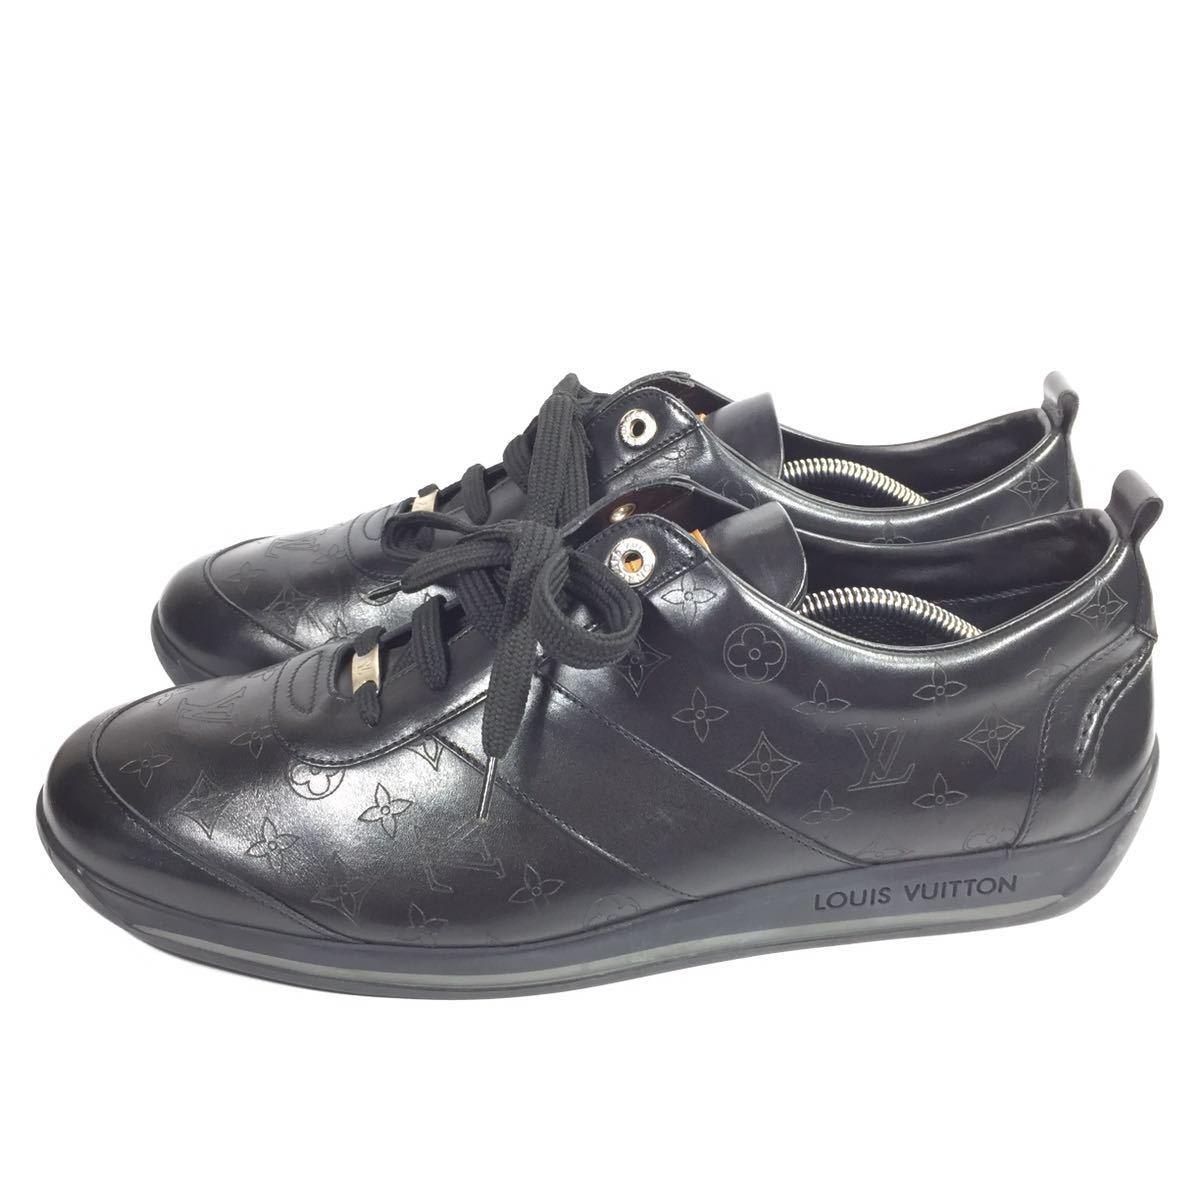 【ルイヴィトン】本物 LOUIS VUITTON 靴 28cm 黒 モノグラム スニーカー カジュアルシューズ 本革 レザー 男性用 メンズ イタリア製 9 1/2_画像6